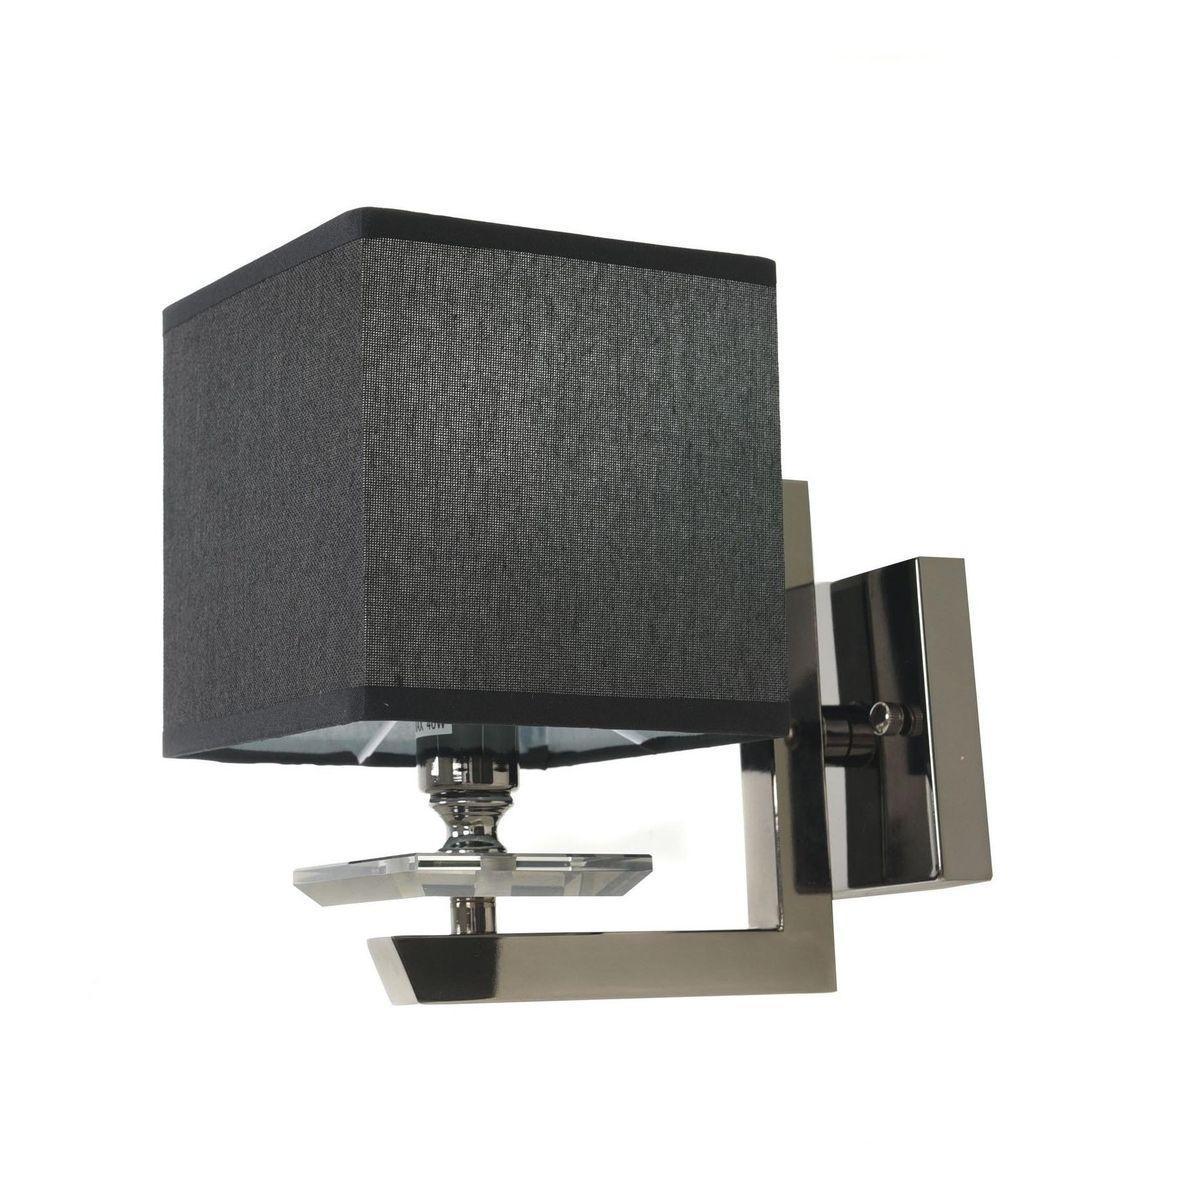 Бра Lumina Deco Flianelo LDW 1248-1 BK